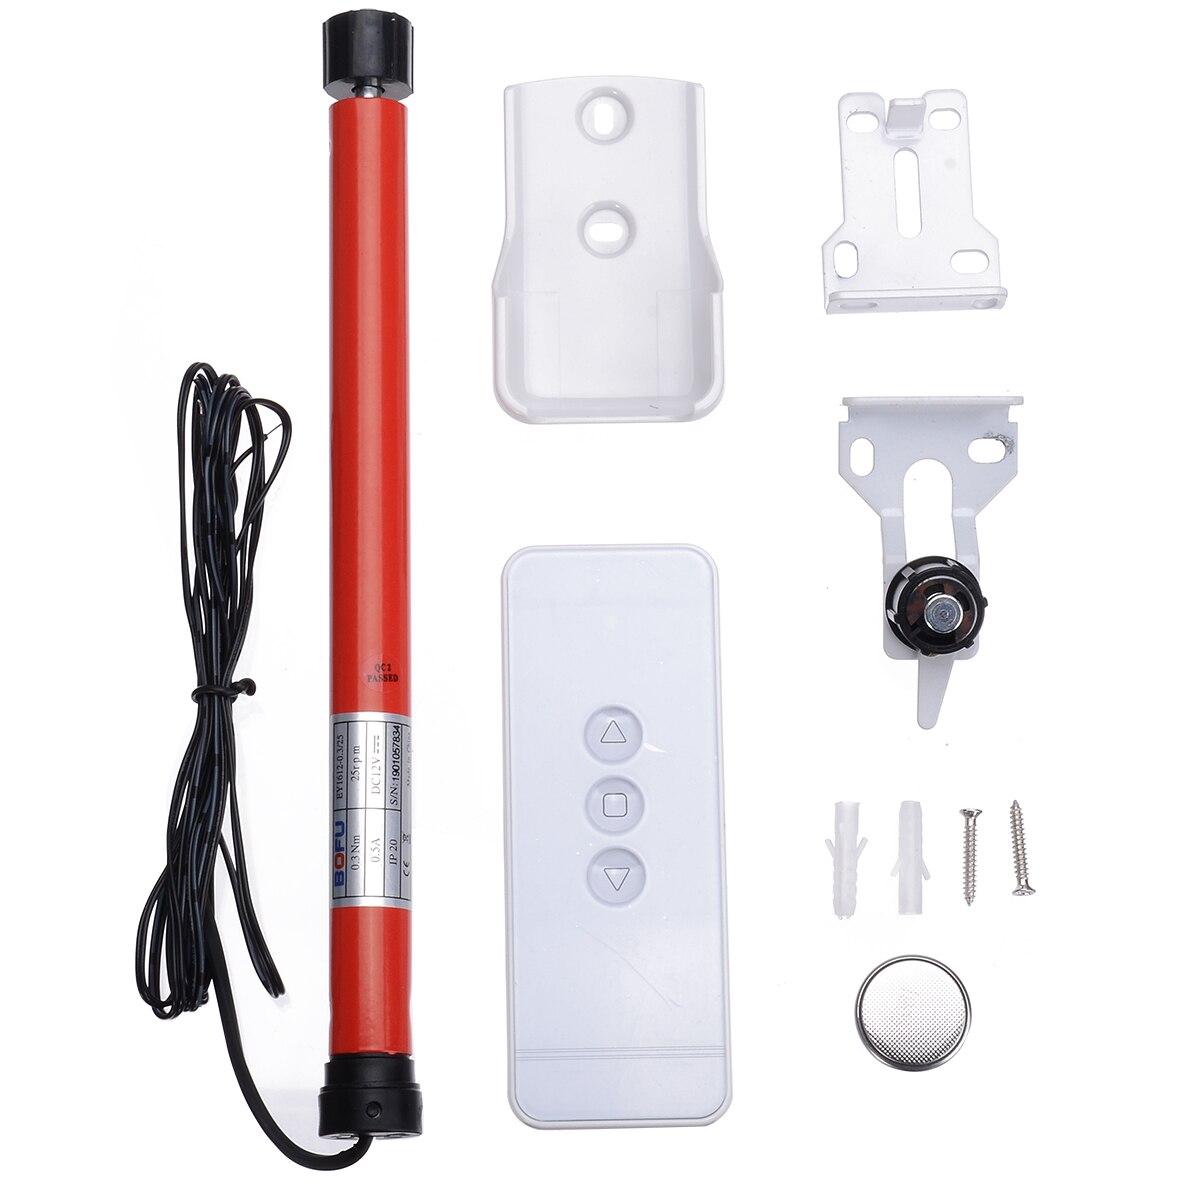 Автоматический валик для самостоятельной покраски, 12 В, трубчатые электрические шторы, жалюзи, интеллектуальный пульт дистанционного управления